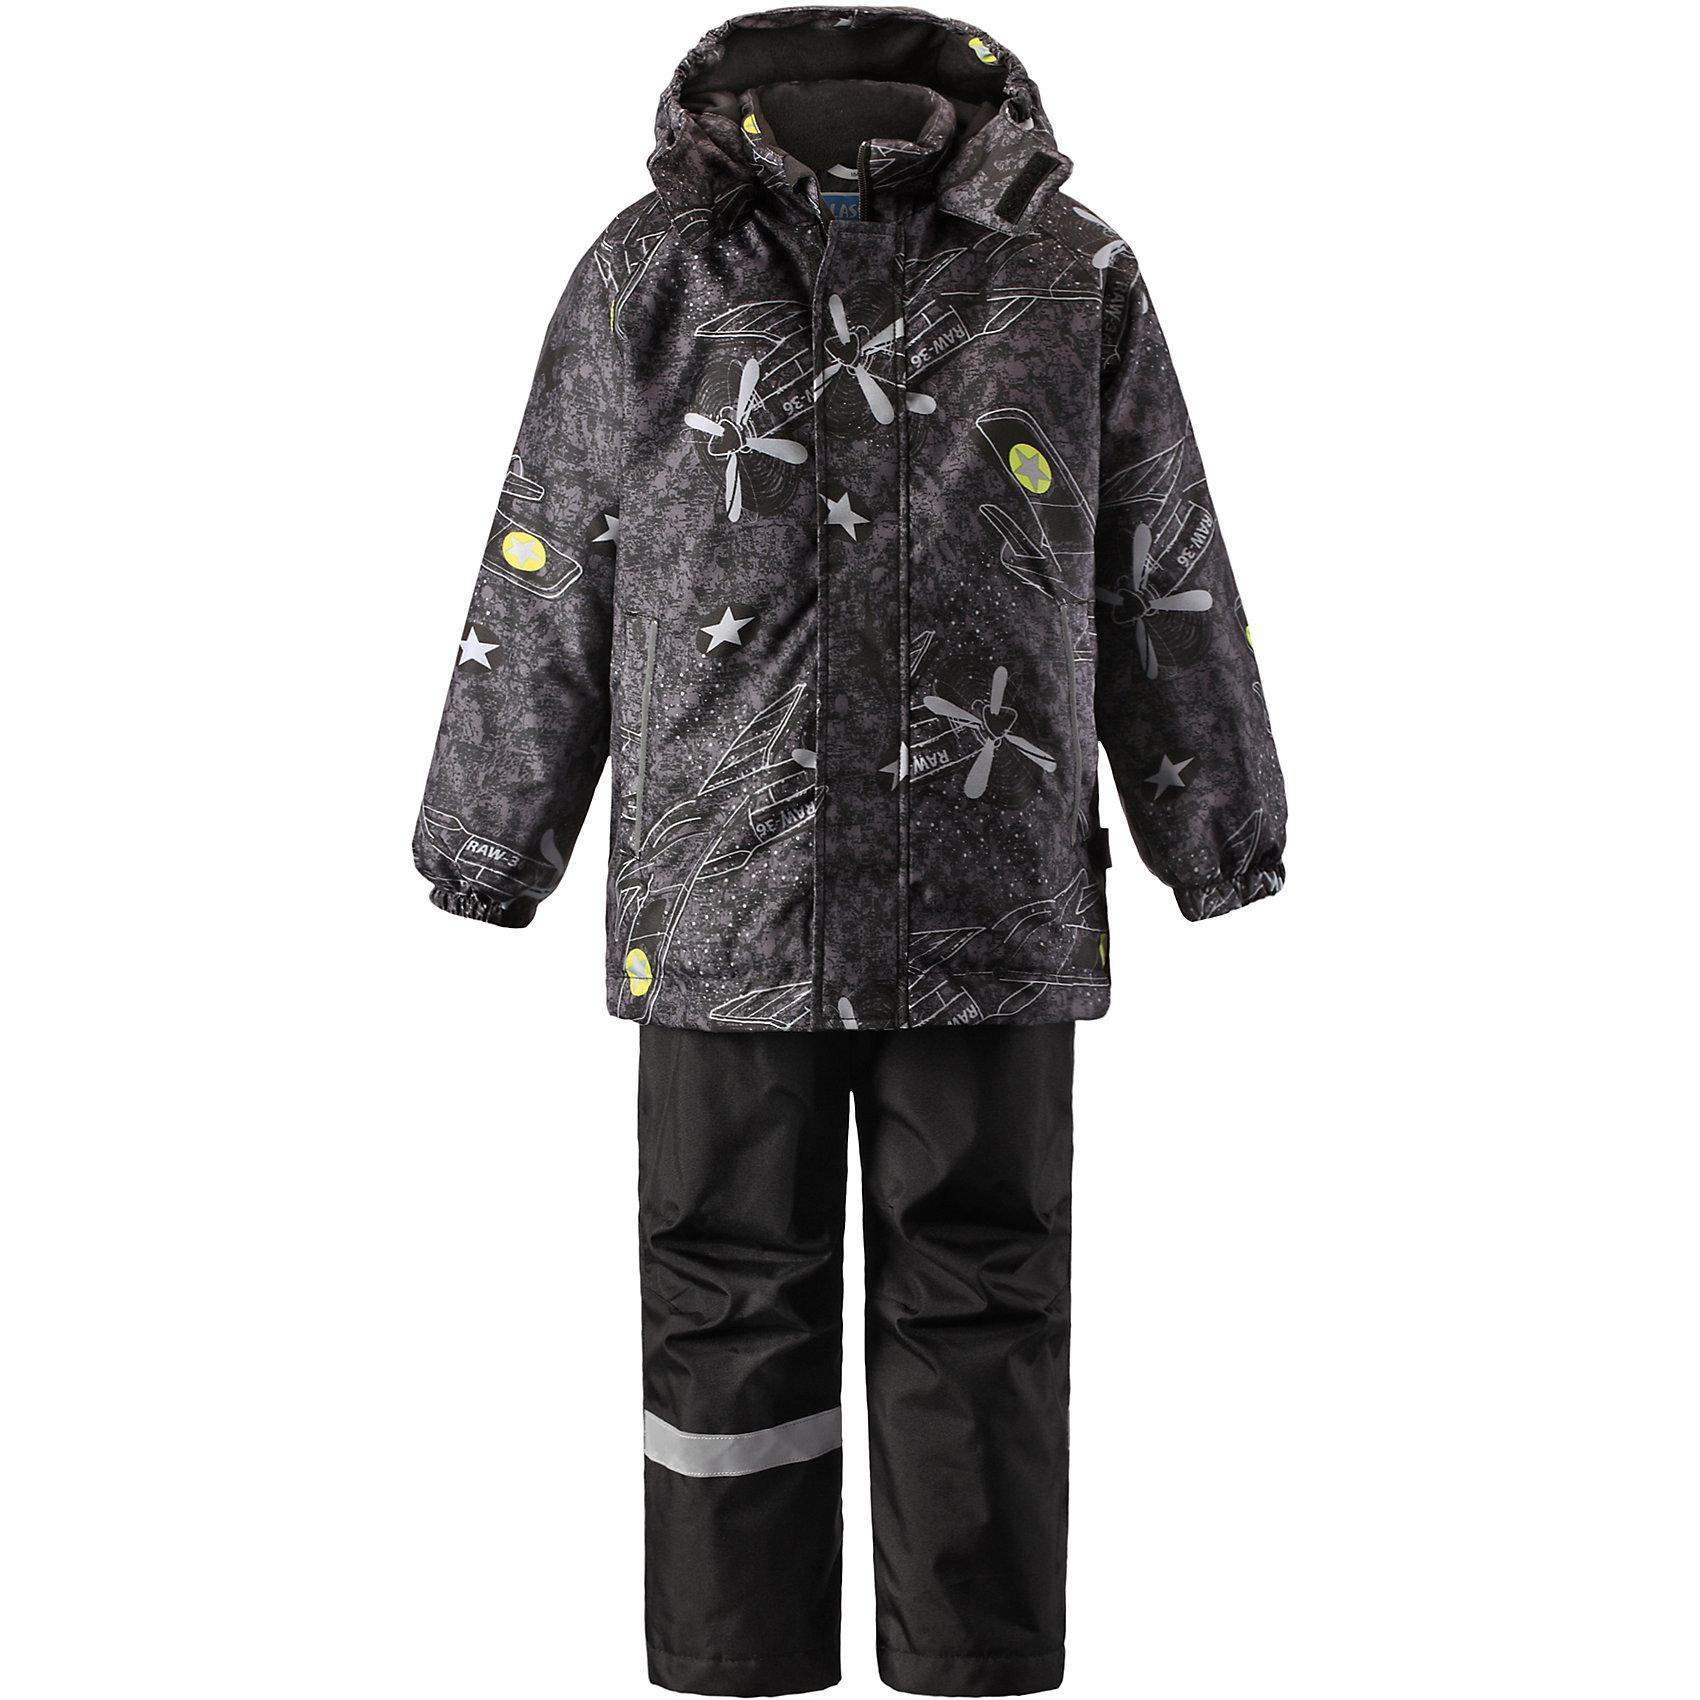 Комплект для мальчика LASSIEОдежда<br>Зимний комплект для детей известной финской марки.<br><br>-  Прочный материал. Водоотталкивающий, ветронепроницаемый, «дышащий» и грязеотталкивающий материал.<br>-  Задний серединный шов брюк проклеен.<br>-  Гладкая подкладка из полиэстра.<br>-  Средняя степень утепления. <br>- Безопасный, съемный капюшон.<br>-  Эластичные манжеты. Эластичная талия. <br>- Регулируемый подол. Снегозащитные манжеты на штанинах. <br>- Ширинка на молнии. Карманы в боковых швах.<br>-  Регулируемые и отстегивающиеся эластичные подтяжки.<br>-  Принт по всей поверхности. <br><br> Рекомендации по уходу: Стирать по отдельности, вывернув наизнанку. Застегнуть молнии и липучки. Соблюдать температуру в соответствии с руководством по уходу. Стирать моющим средством, не содержащим отбеливающие вещества. Полоскать без специального средства. Сушение в сушильном шкафу разрешено при  низкой температуре.<br><br>Состав: 100% Полиамид, полиуретановое покрытие.  Утеплитель «Lassie wadding» 100гр.(брюки); 180гр.(куртка).<br><br>Ширина мм: 190<br>Глубина мм: 74<br>Высота мм: 229<br>Вес г: 236<br>Цвет: черный<br>Возраст от месяцев: 18<br>Возраст до месяцев: 24<br>Пол: Мужской<br>Возраст: Детский<br>Размер: 92,116,128,134,140,122,98,104,110<br>SKU: 4782228